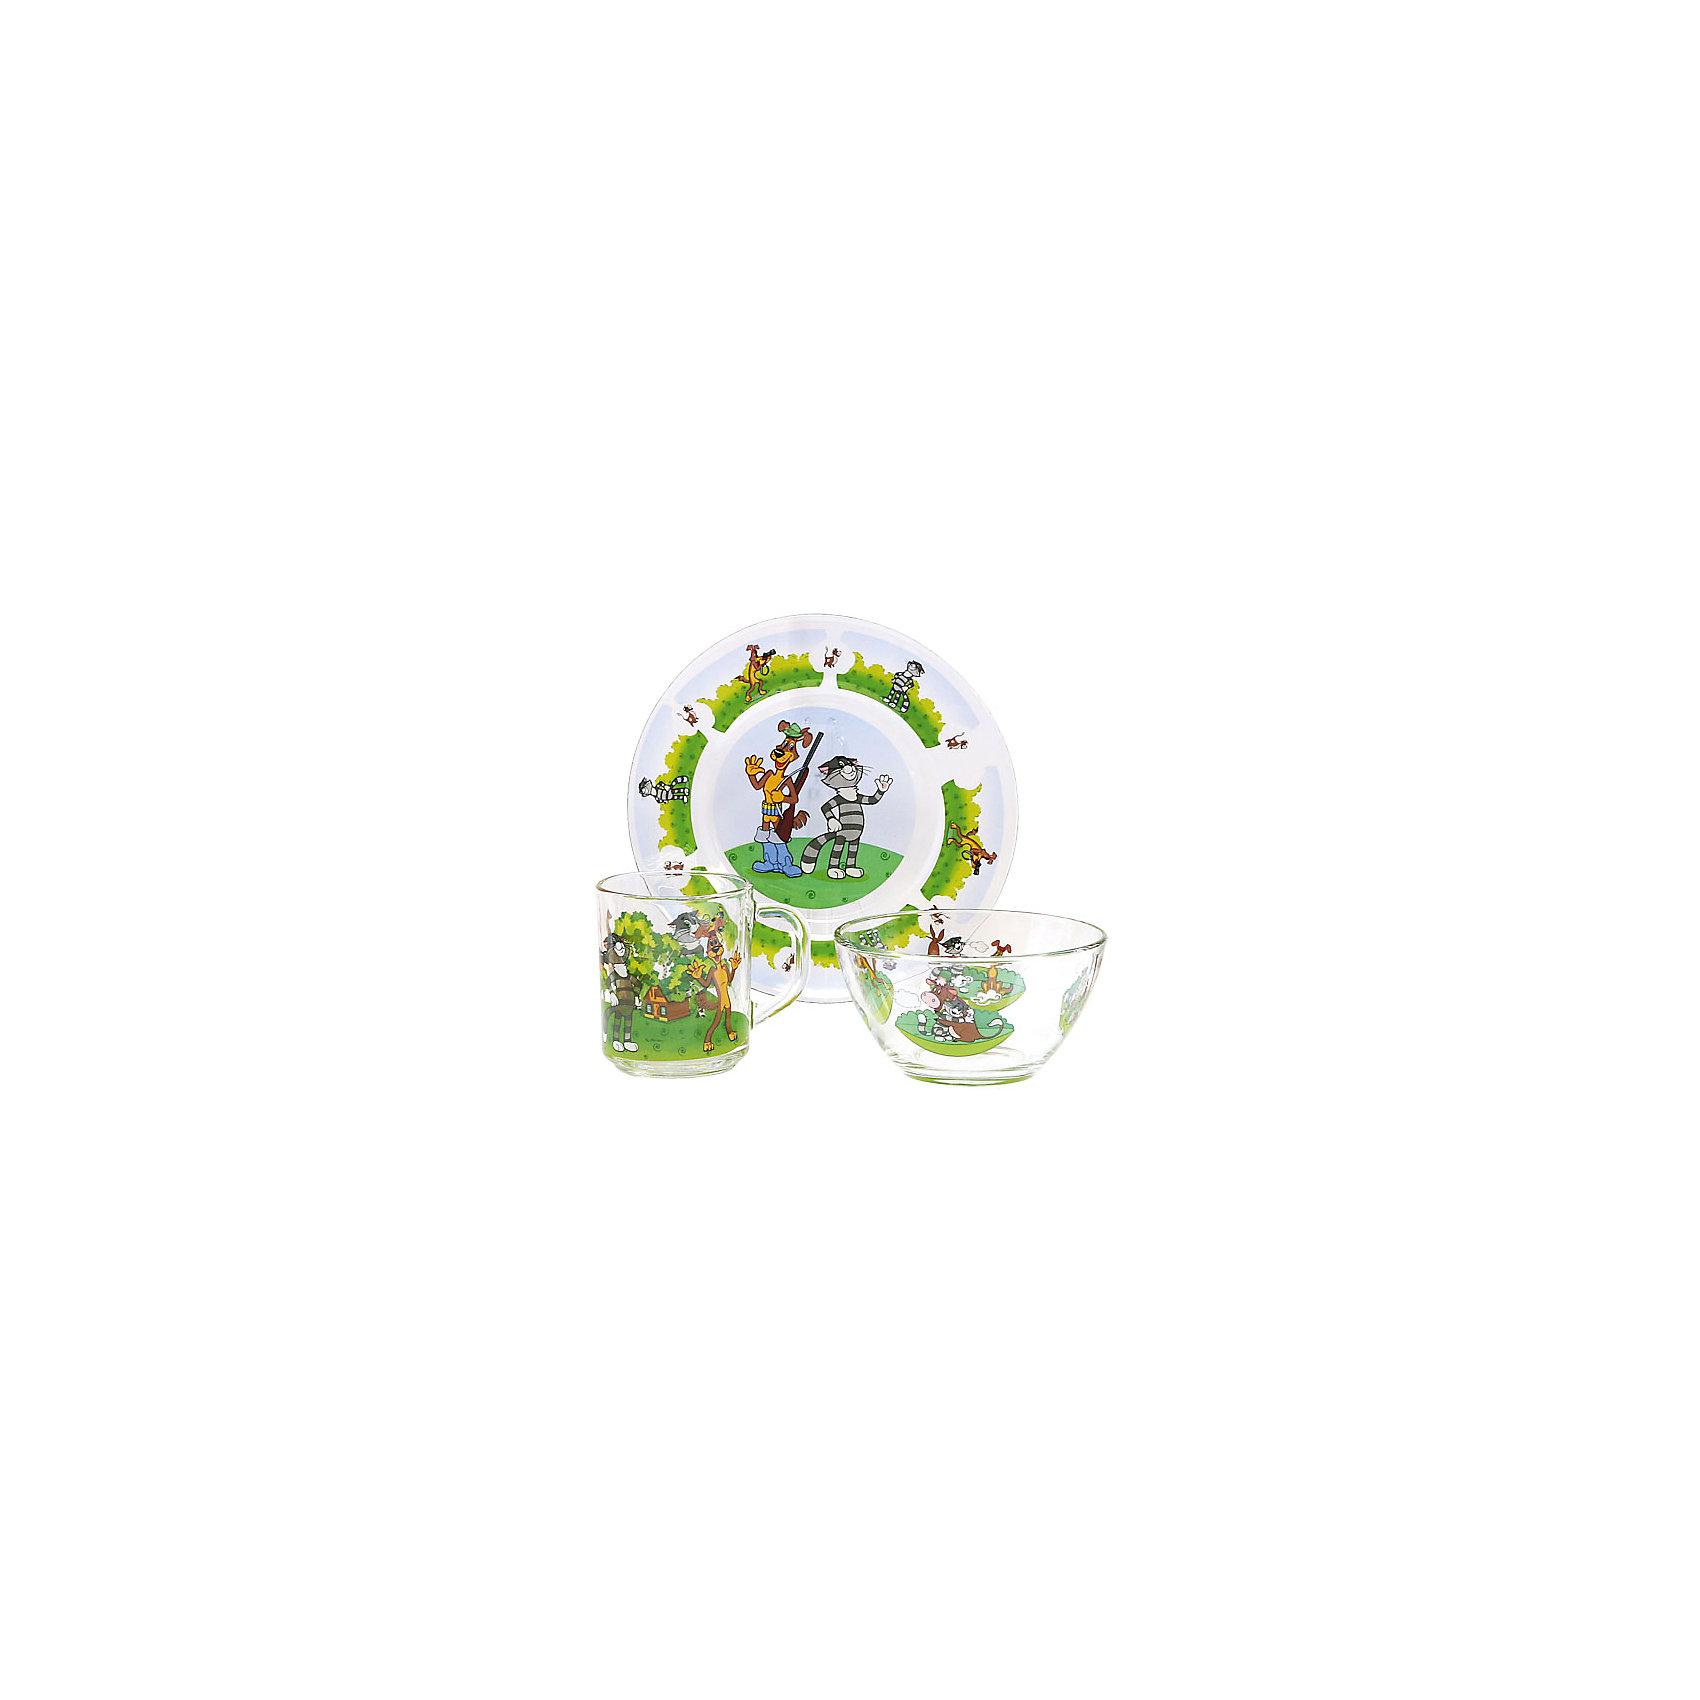 Набор посуды Простоквашино (стекло, 3 предмета)Завтракать, обедать, ужинать с любимыми героями - приятнее и вкуснее! Набор посуды с изображением культовых и всем известных персонажей студии Союзмультфильм обязательно понравится детям! Набор состоит из кружки, плоской тарелки и салатника. Кружка среднего размера идеально подойдет для детских рук. Посуда выполнена из ударопрочного стекла, раскрашена стойкими гипоаллергенными красителями безопасными для детей. Яркий набор посуды станет прекрасным подарком на любой праздник. <br><br>Дополнительная информация:<br><br>- Материал: стекло.<br>- Комплектация, 3 предмета: кружка, салатник, плоская тарелка. <br>- Размер: салатник, d - 13 см, тарелка, d - 20 см.<br>- Объем кружки: 200 мл.<br>- Размер упаковки: 20х20х10 см.<br>- Можно мыть в посудомоечной машине.<br><br>Набор посуды Простоквашино (стекло, 3 предмета), можно купить в нашем магазине.<br><br>Ширина мм: 200<br>Глубина мм: 200<br>Высота мм: 95<br>Вес г: 930<br>Возраст от месяцев: 36<br>Возраст до месяцев: 108<br>Пол: Унисекс<br>Возраст: Детский<br>SKU: 4536286